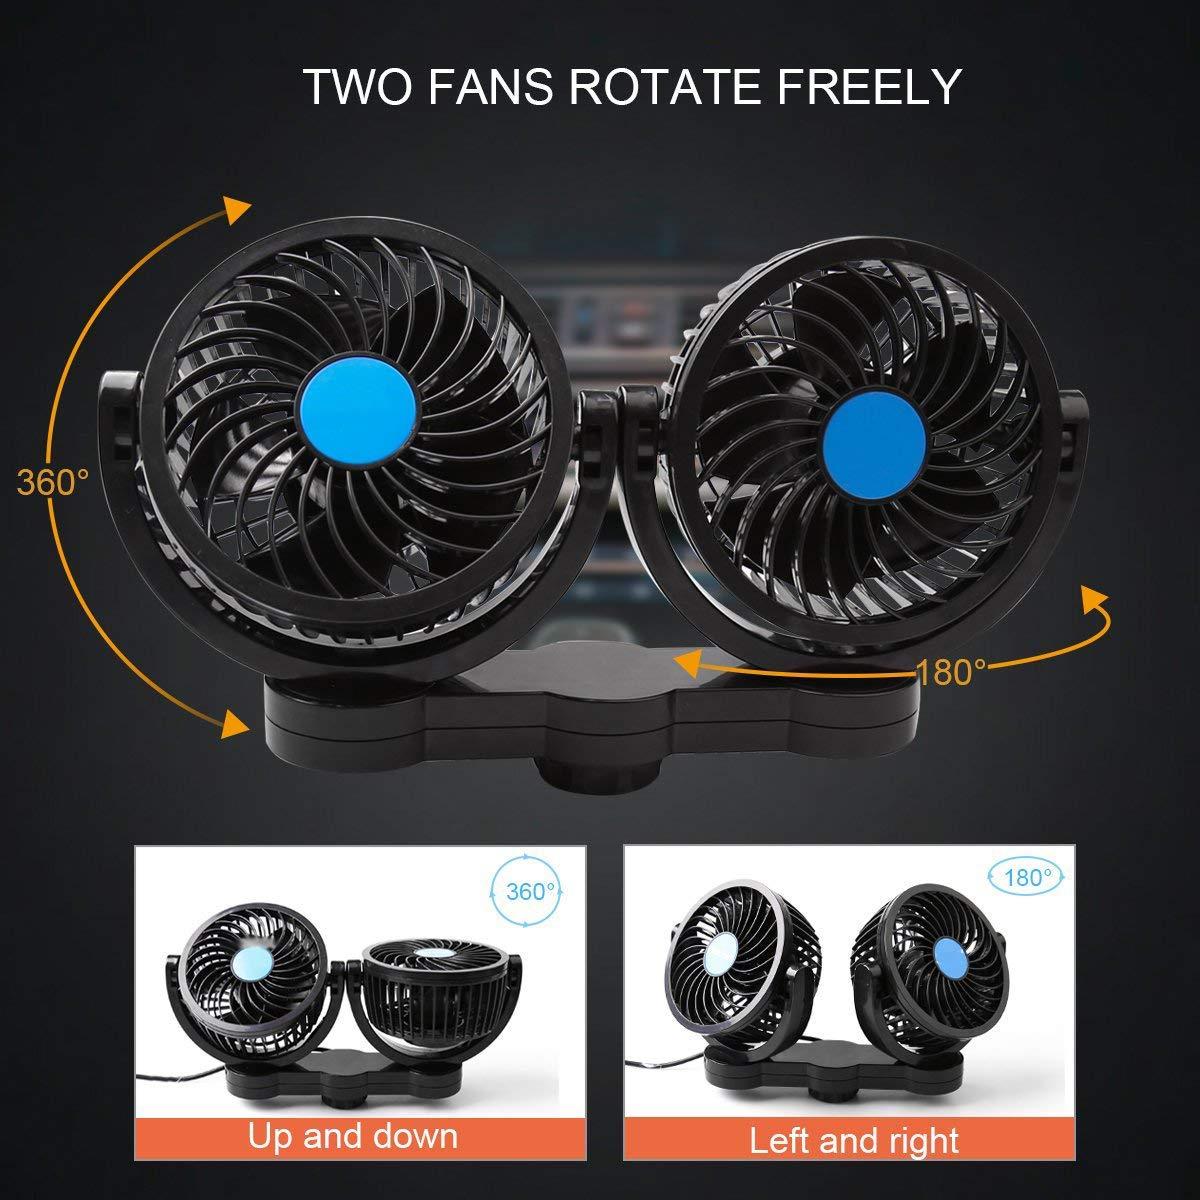 SEAMETAL Car Fan for Back Seat, Car Seat Fan Cigarette Lighter, Fan for Car 12V Headrest Black 4inches (Blue) by SEAMETAL (Image #4)